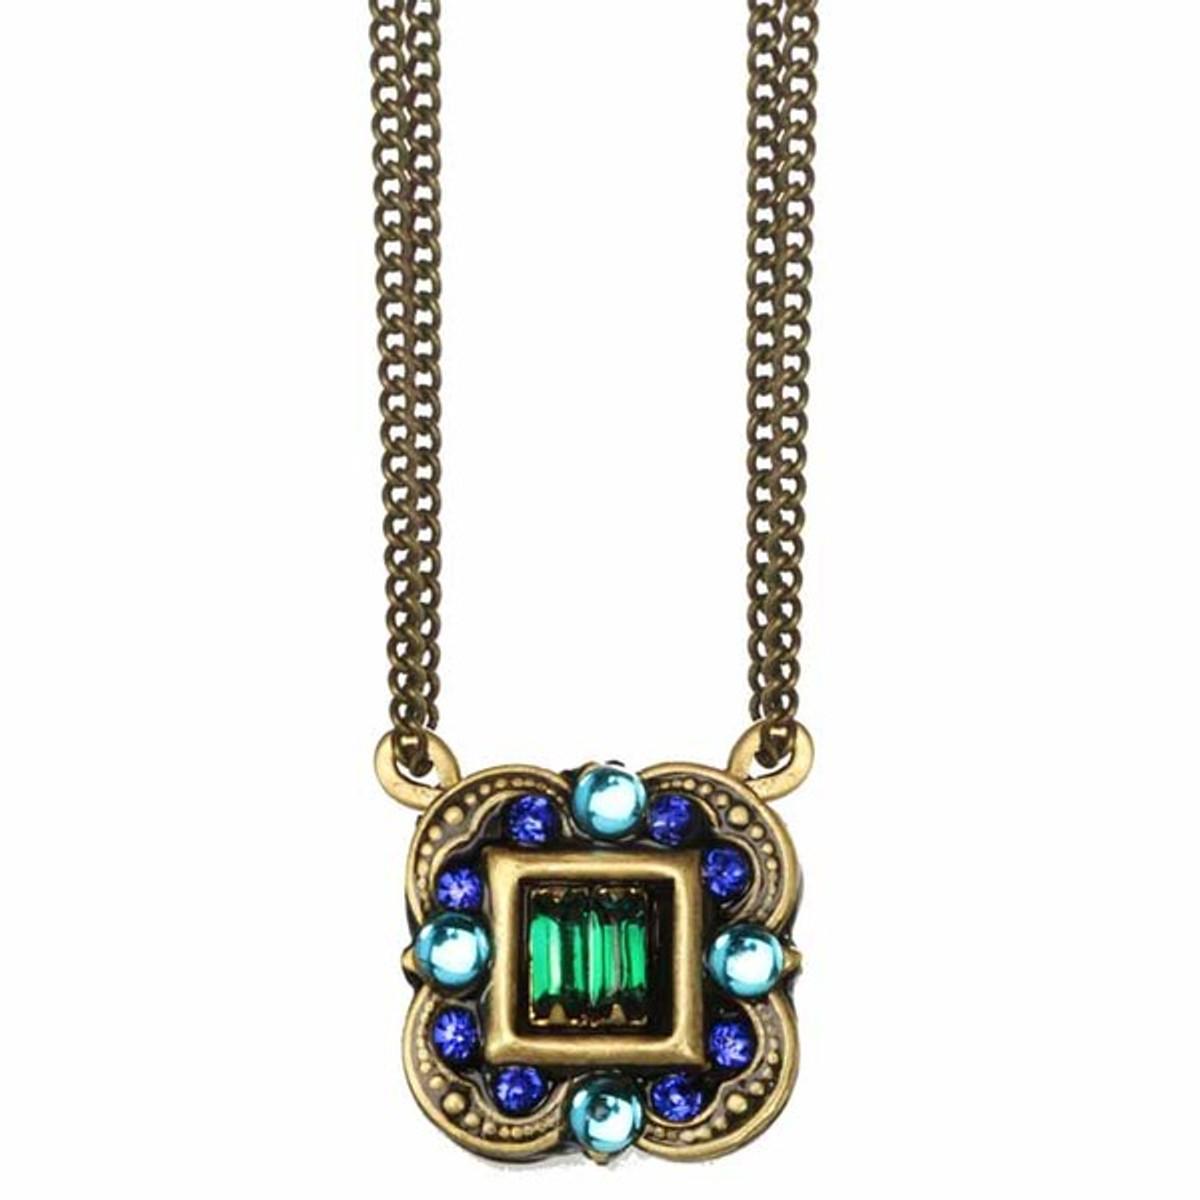 Golan Michal - Peacock Necklace